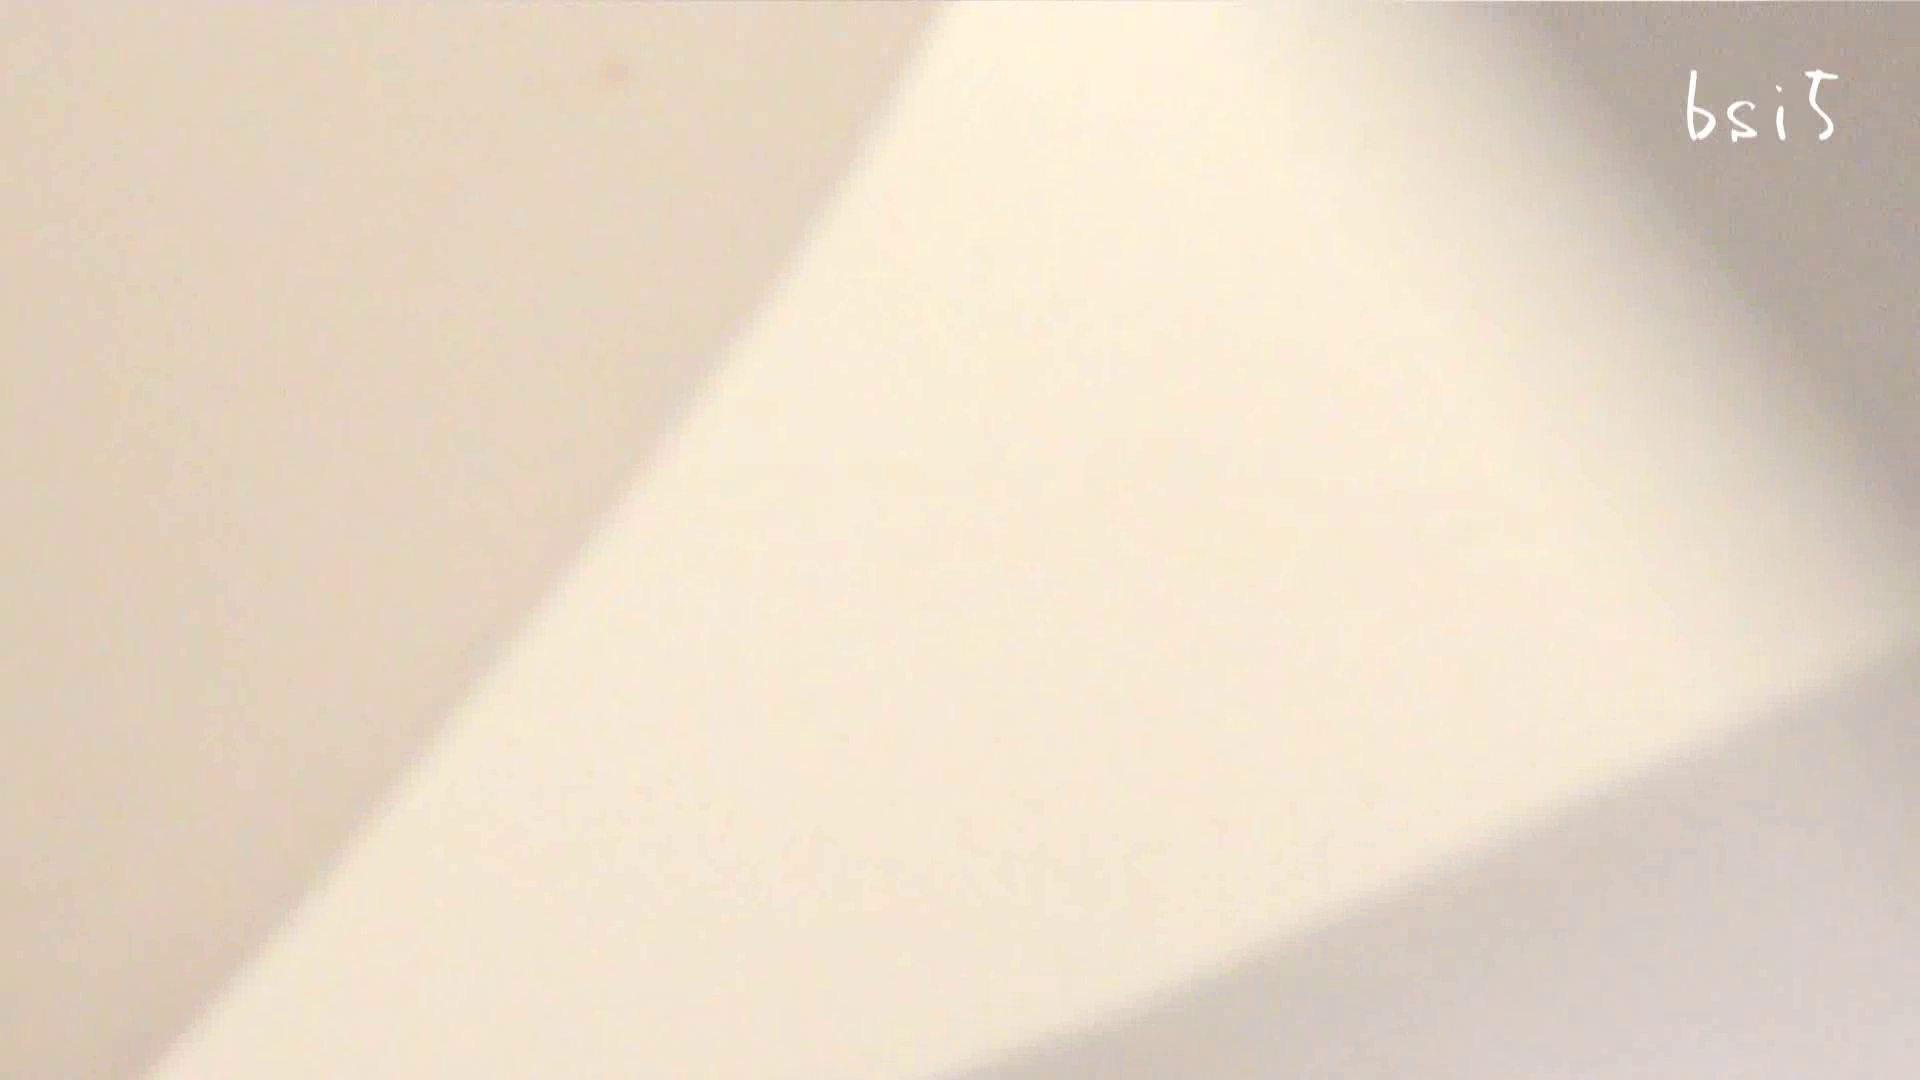 ナースのお小水 vol.005 ナースのエロ動画   お姉さんの下半身 のぞき 112PIX 65